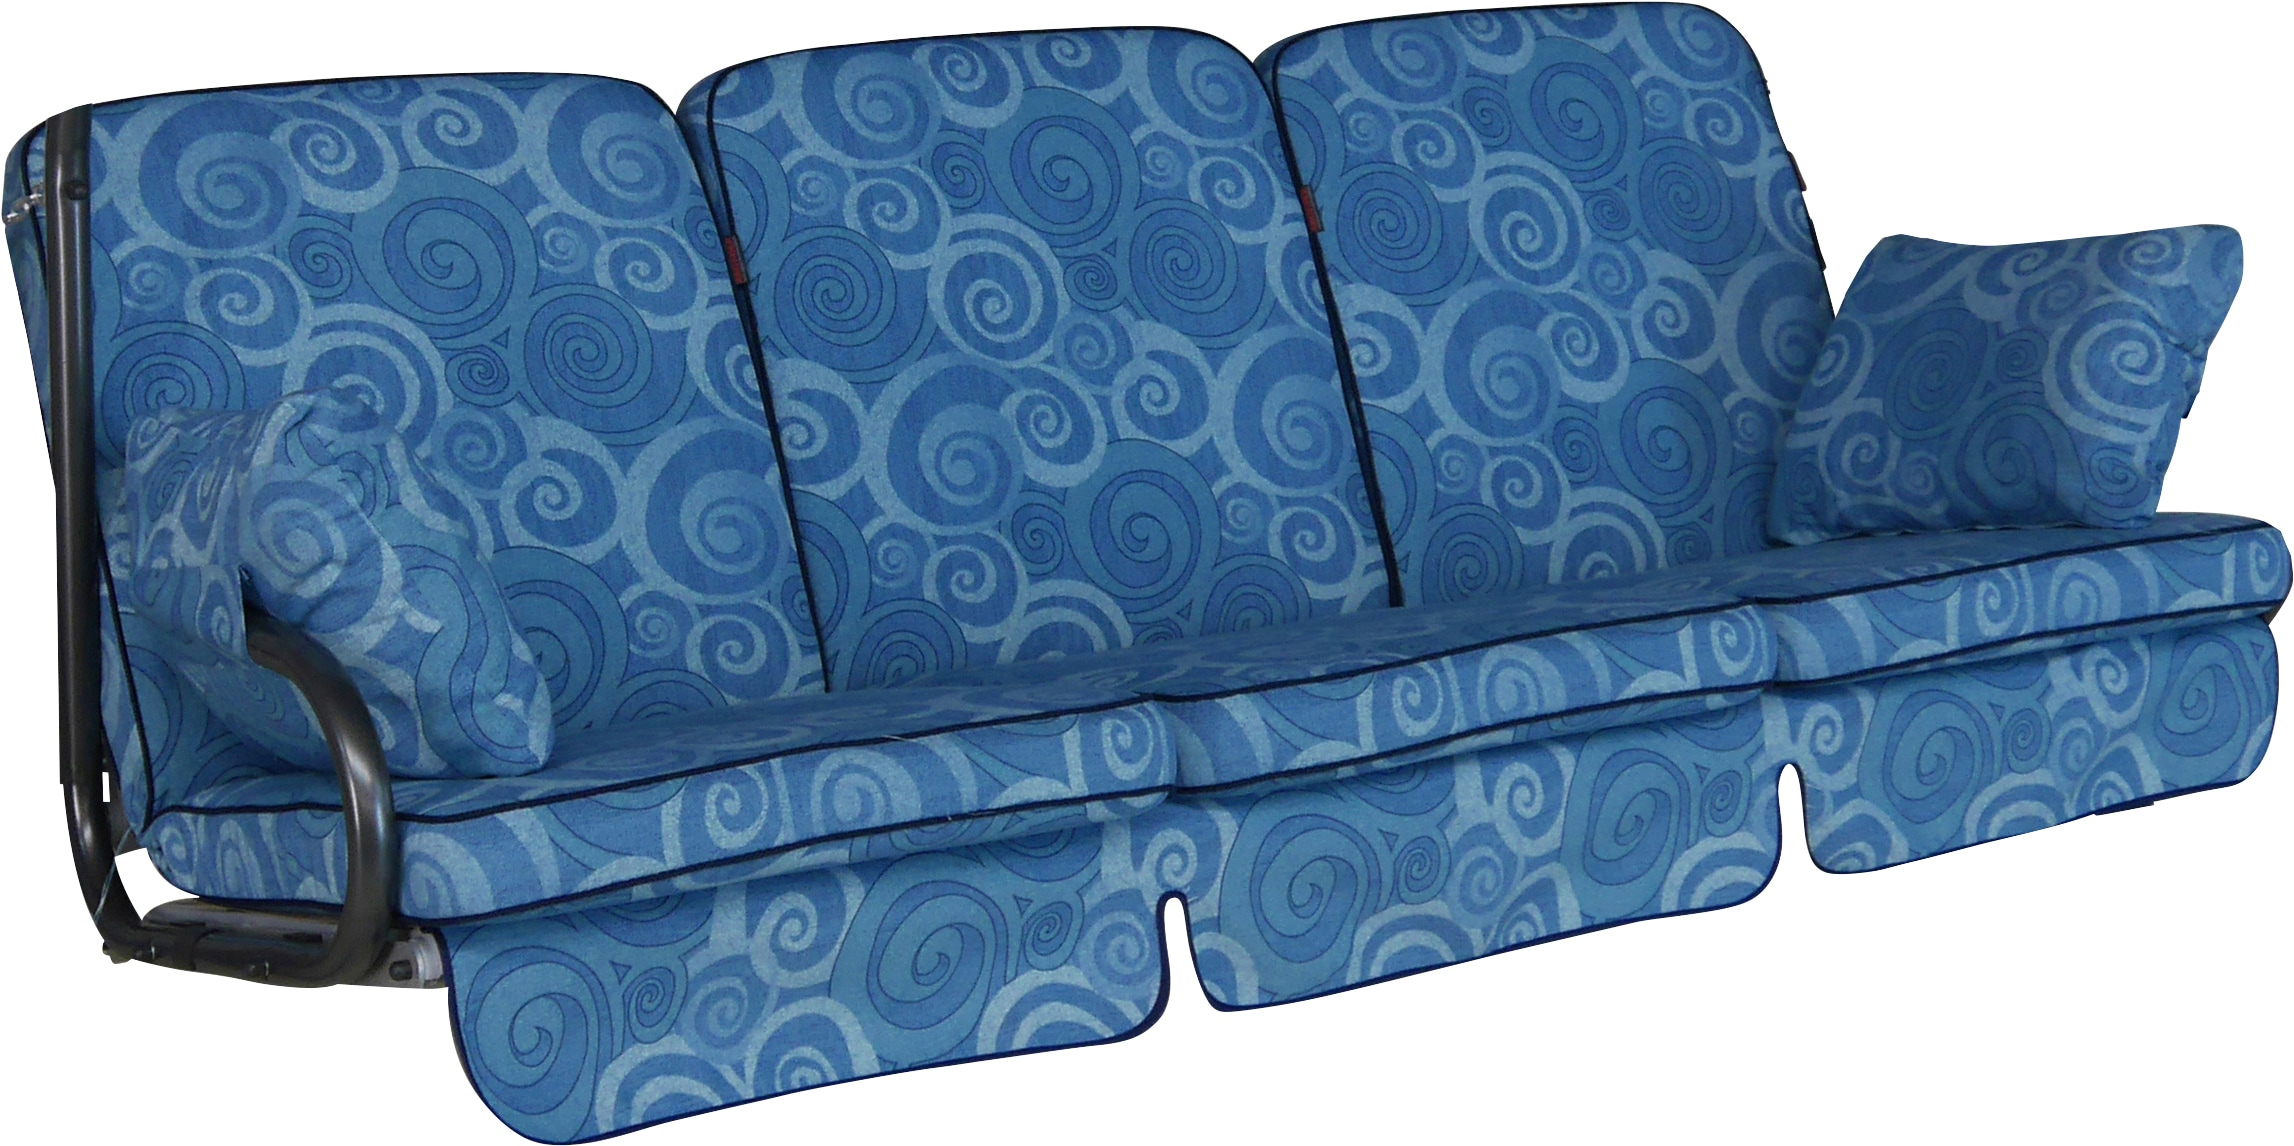 Image of ANGERER FREIZEITMÖBEL Hollywoodschaukelauflage »Comfort«, (L/B): 177x180 cm